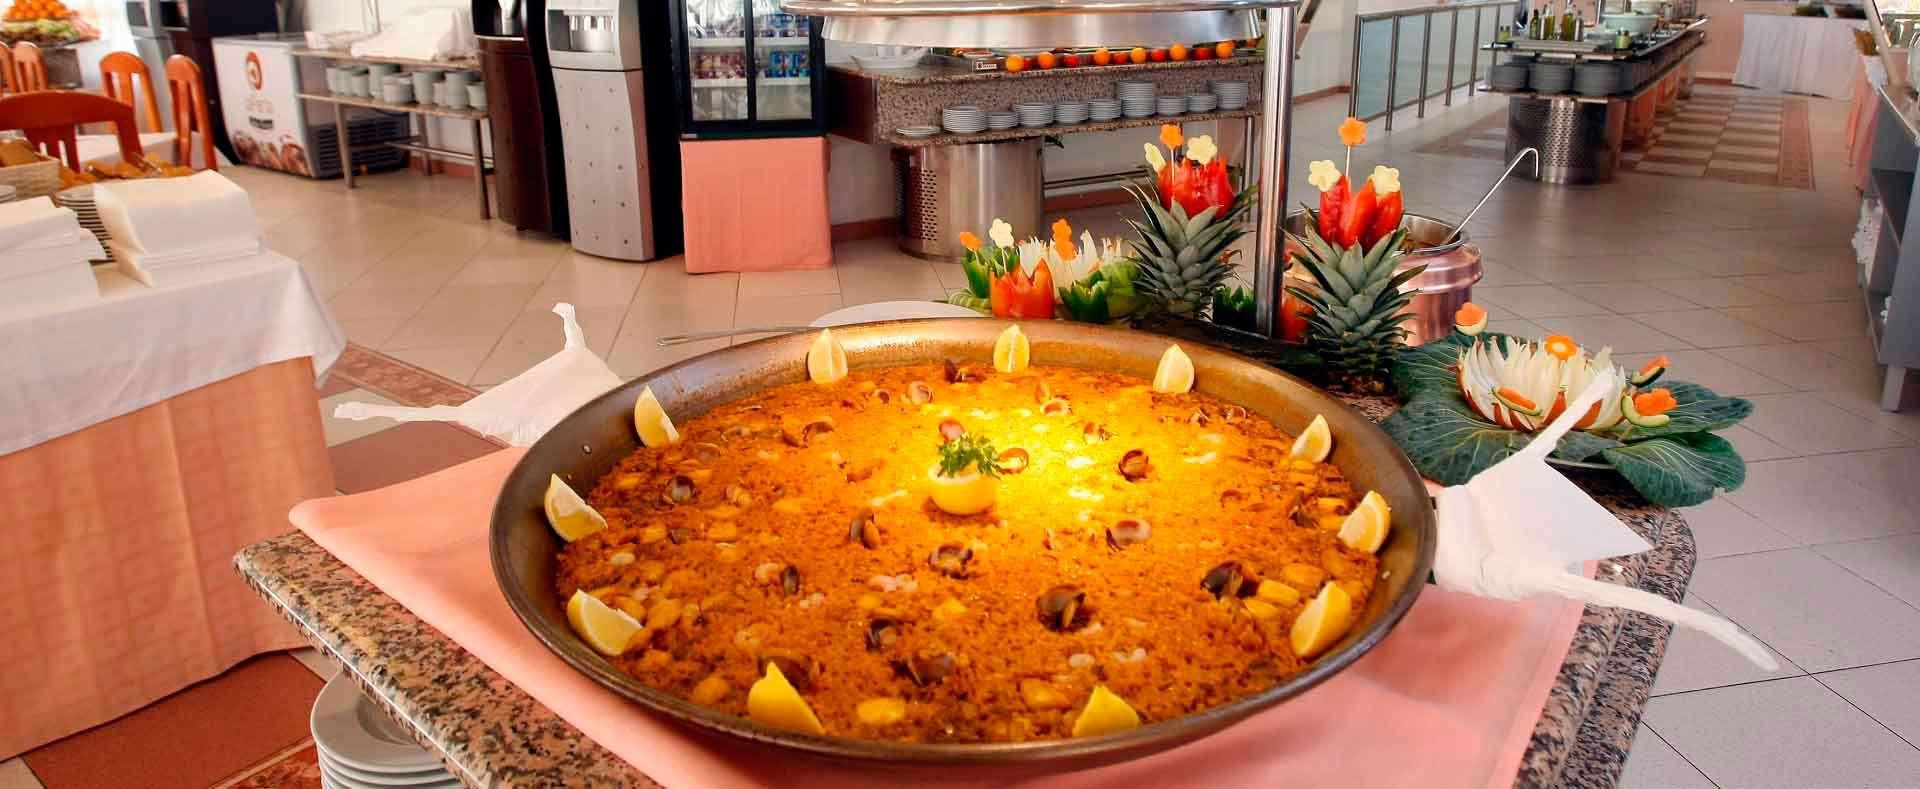 Hotel con restaurante buffet en el mediterraneo